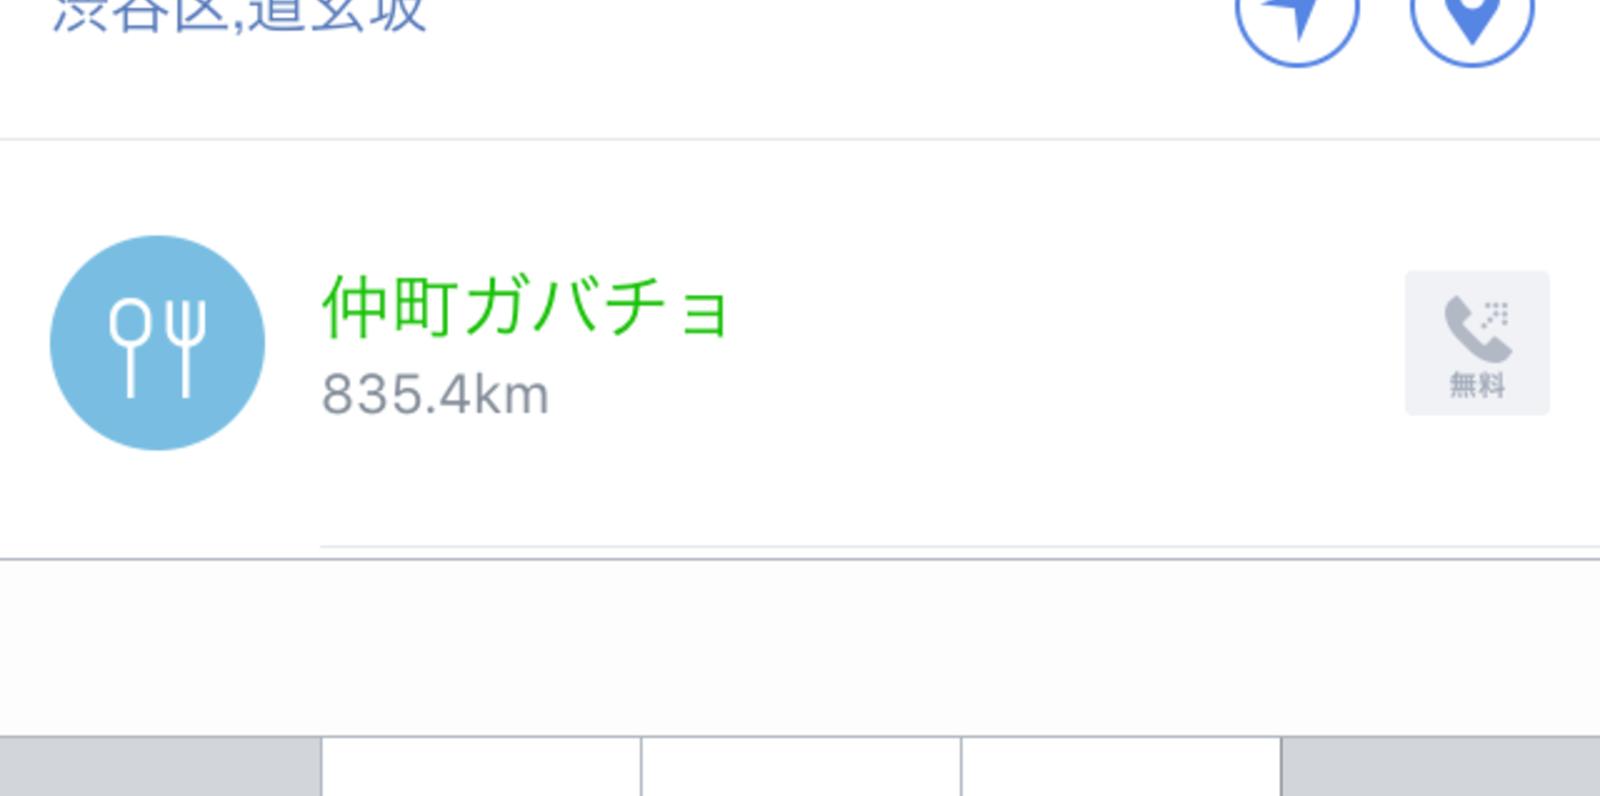 仲町ガバチョ